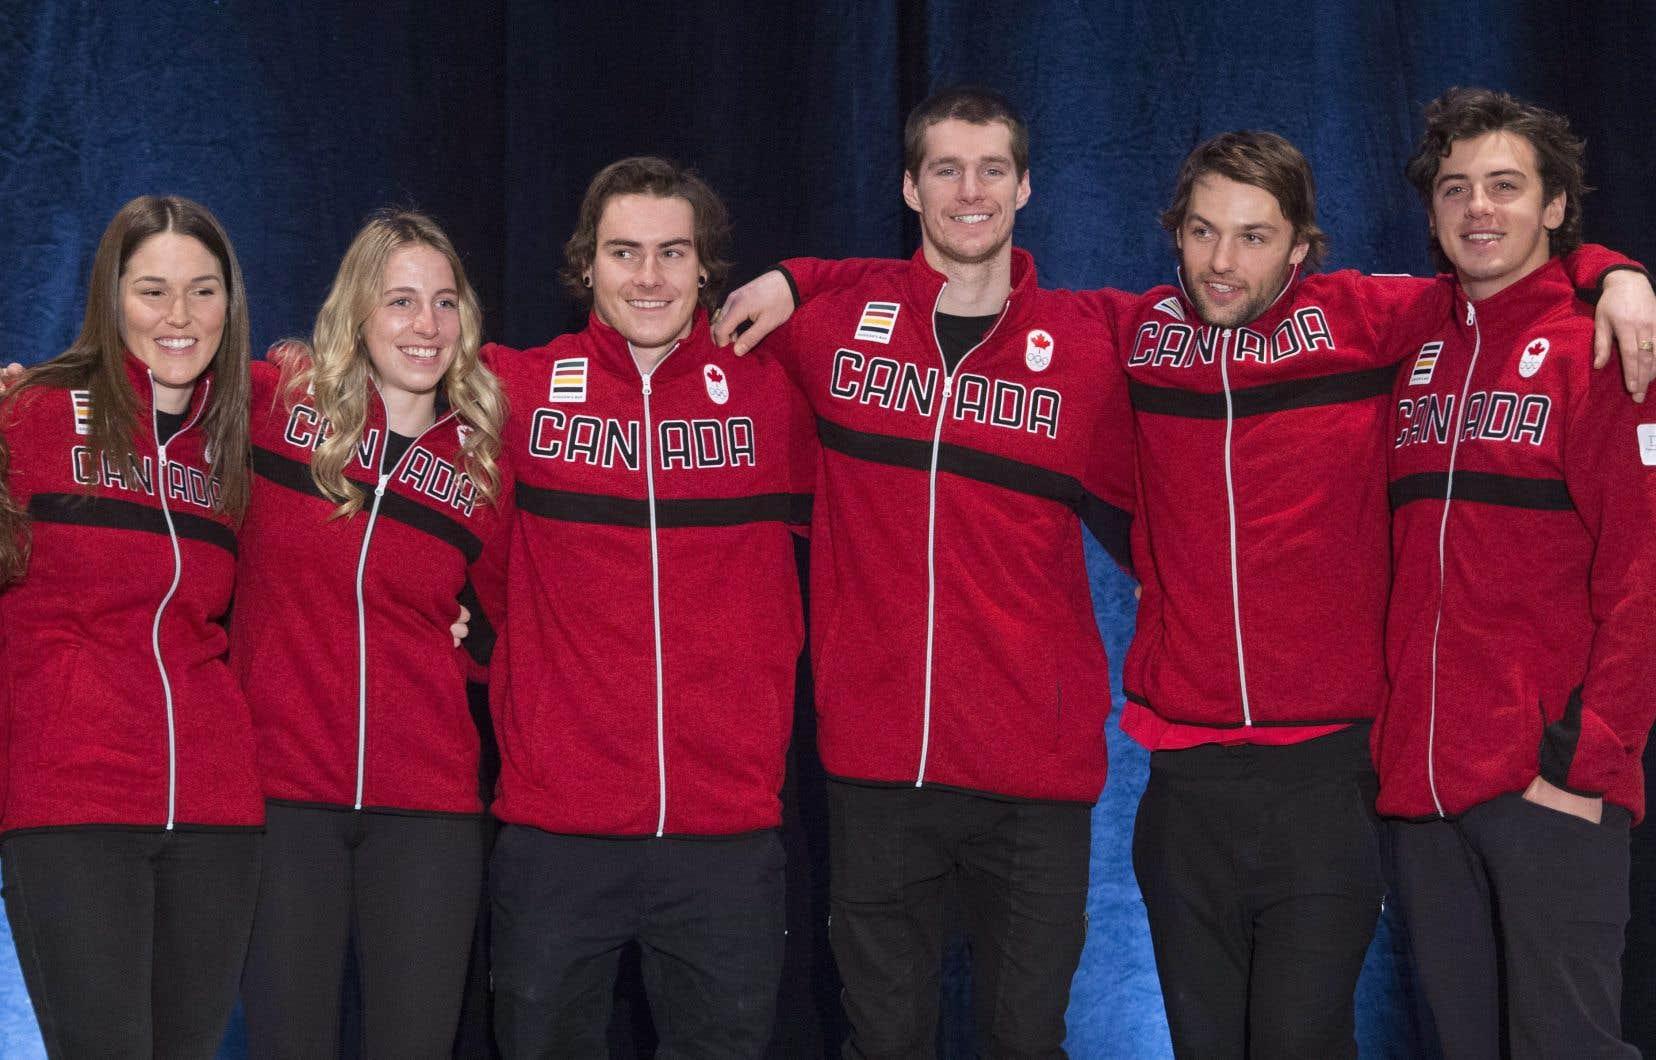 Les athlètes qui représenteront le Canada en slopestyle et en big air aux Jeux olympiques de Pyeongchang en février prochain.